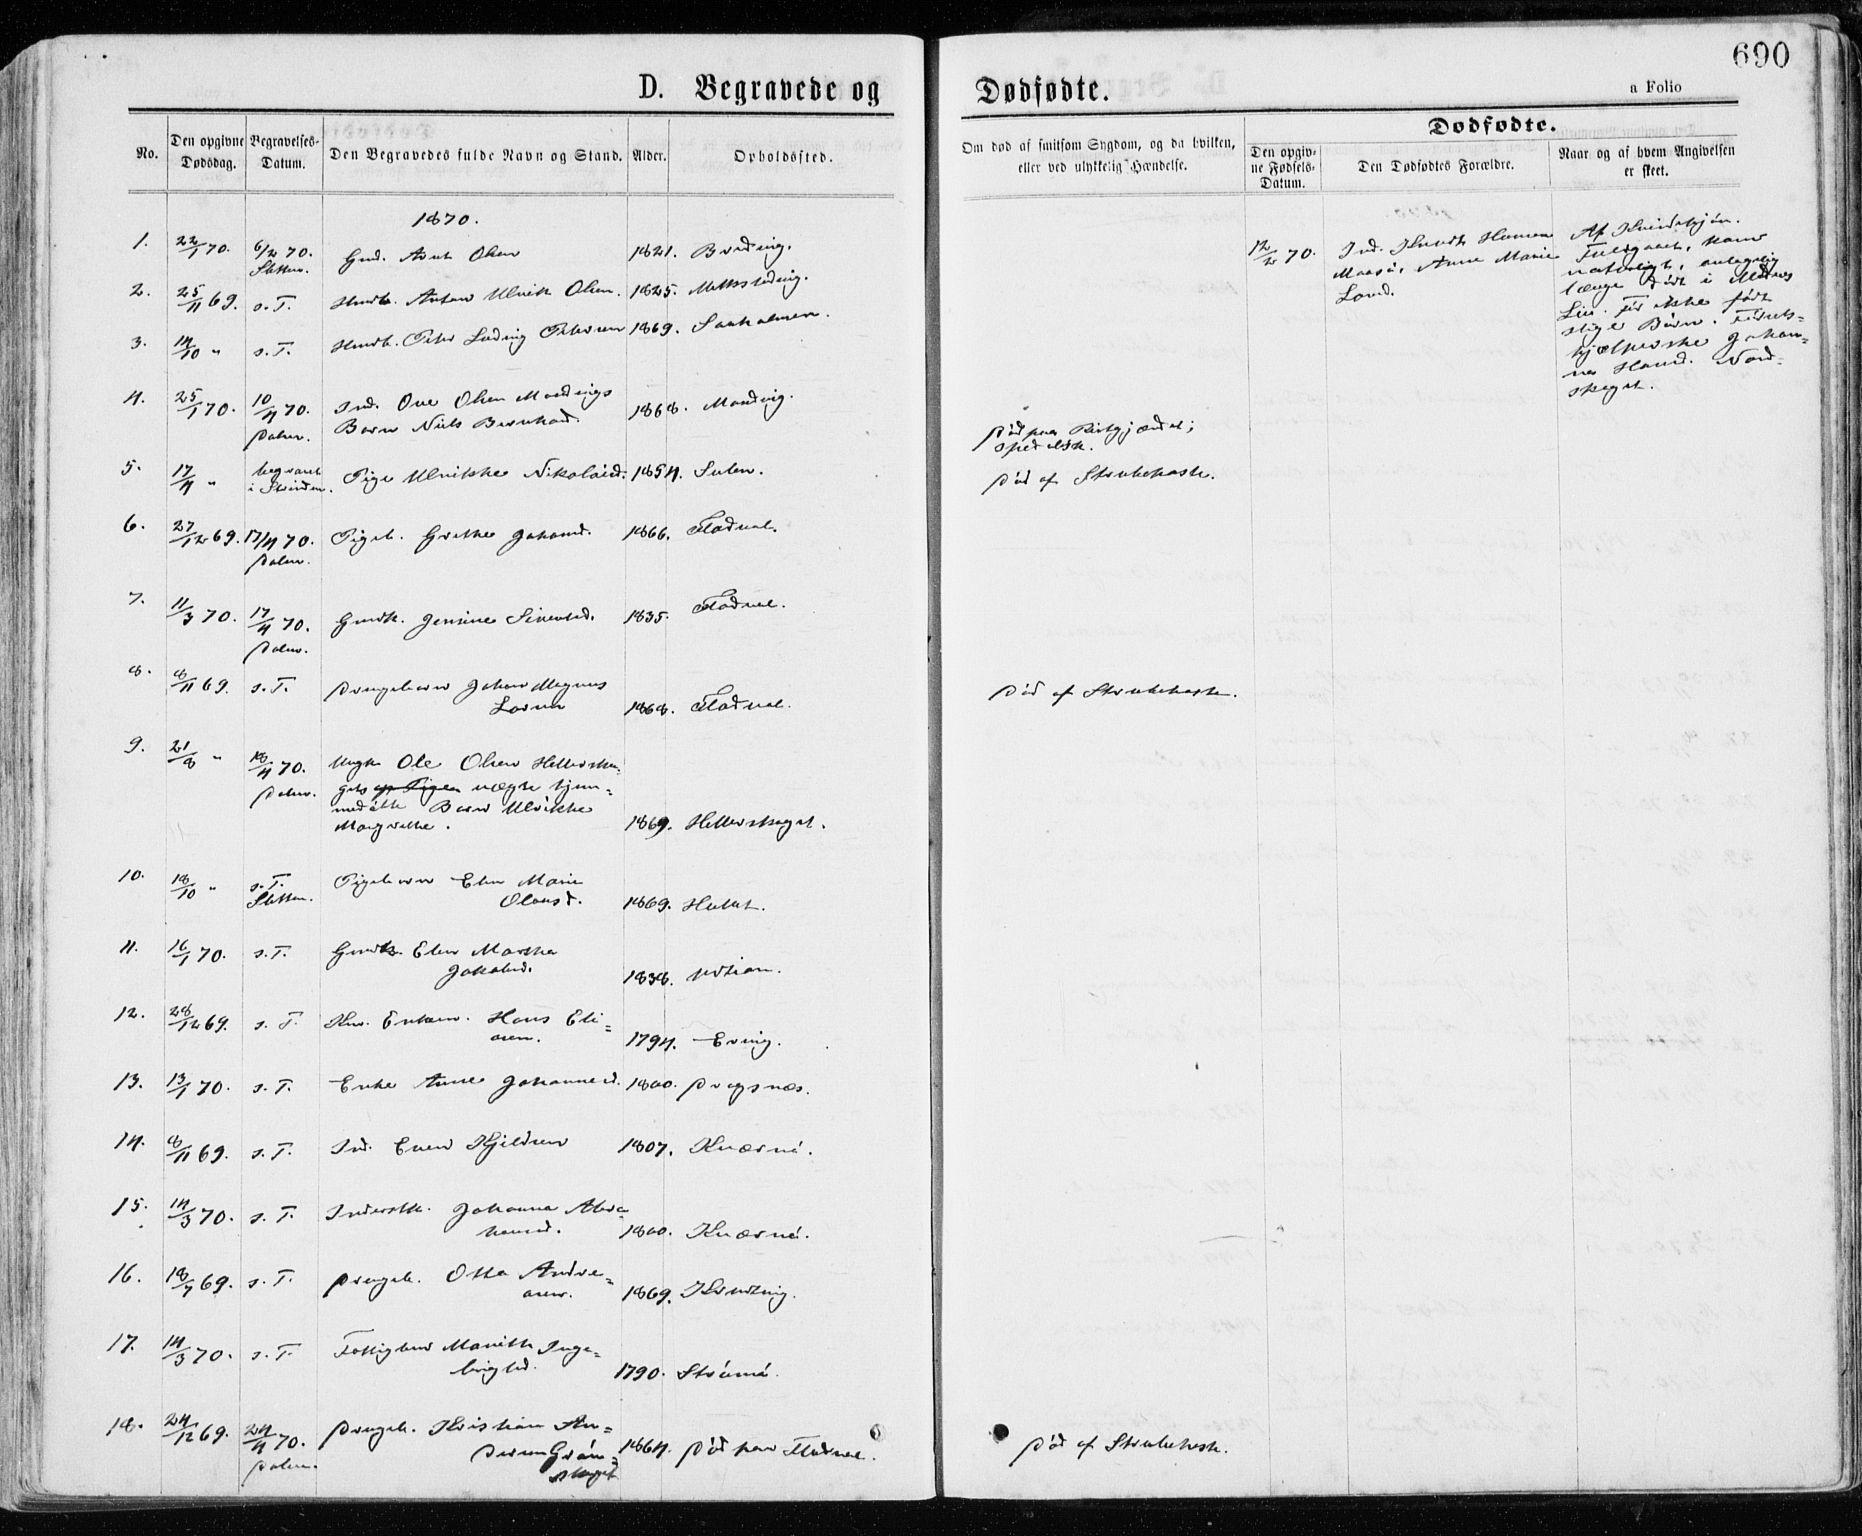 SAT, Ministerialprotokoller, klokkerbøker og fødselsregistre - Sør-Trøndelag, 640/L0576: Ministerialbok nr. 640A01, 1846-1876, s. 690